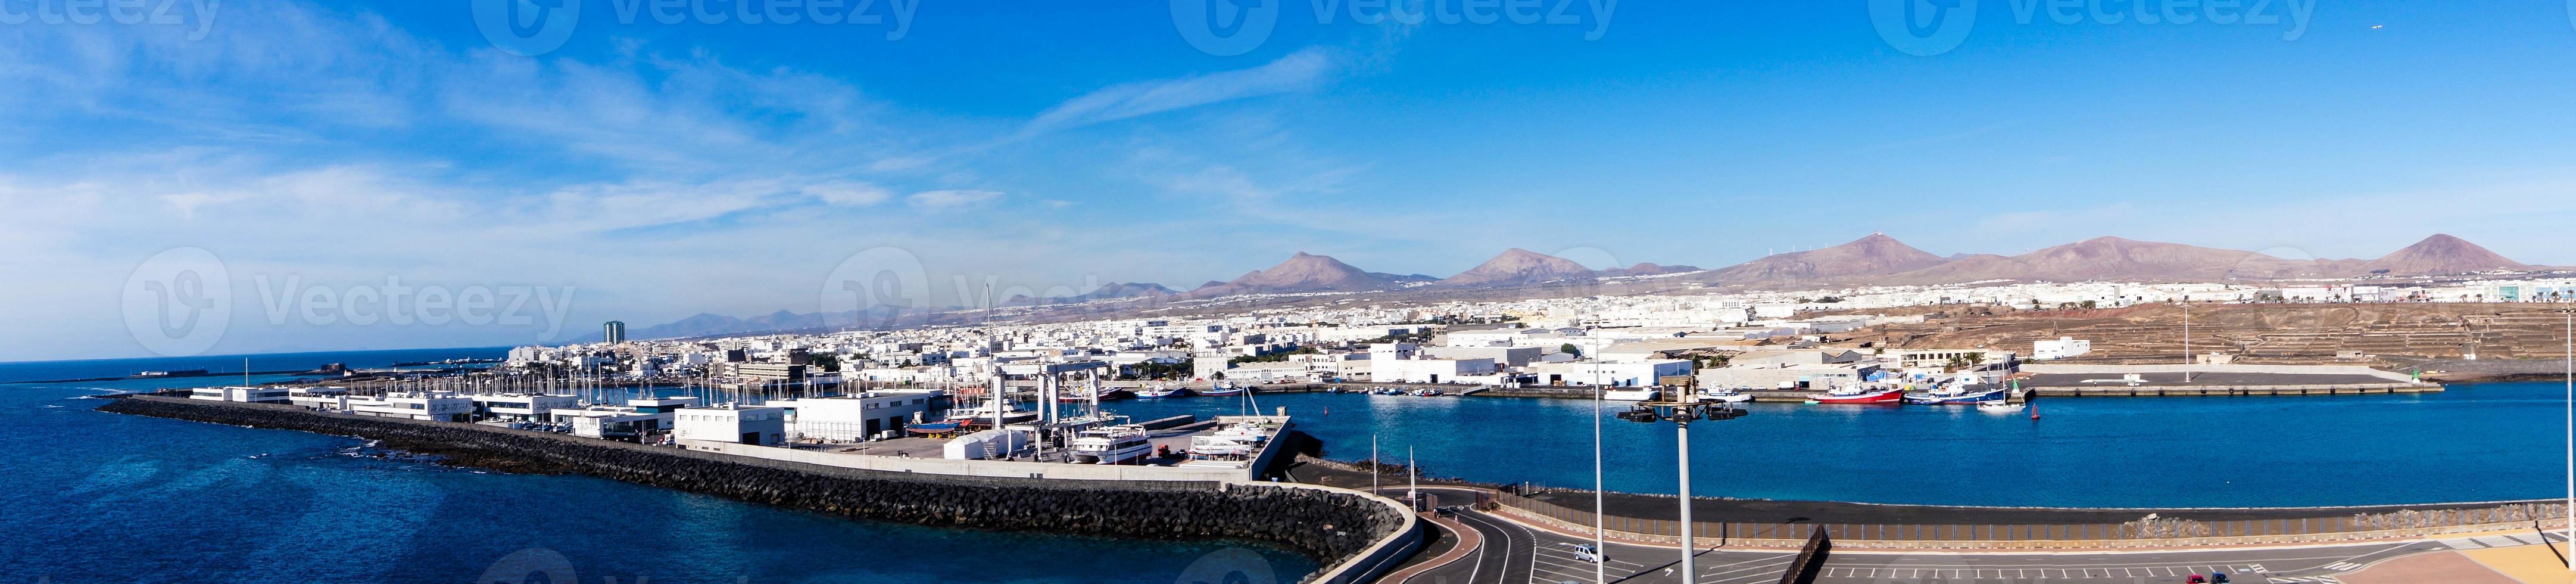 Puerto interior de Arrecife, Lanzarote, España foto